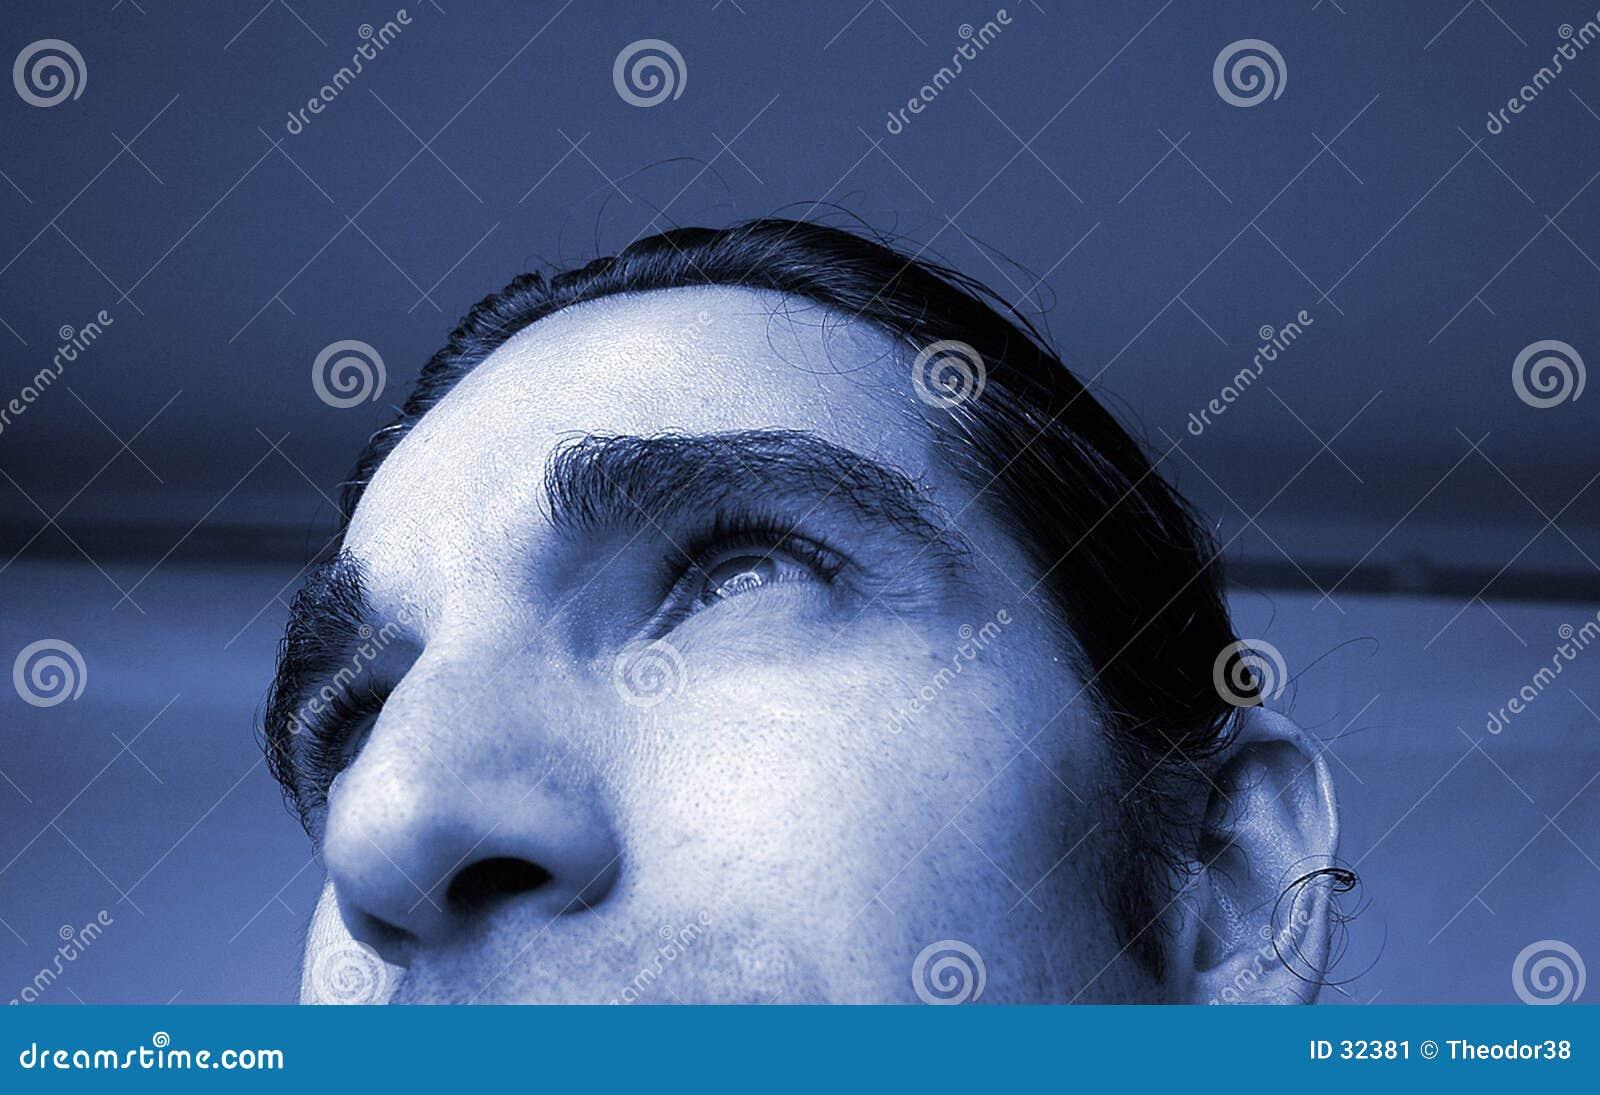 голубой портрет человека